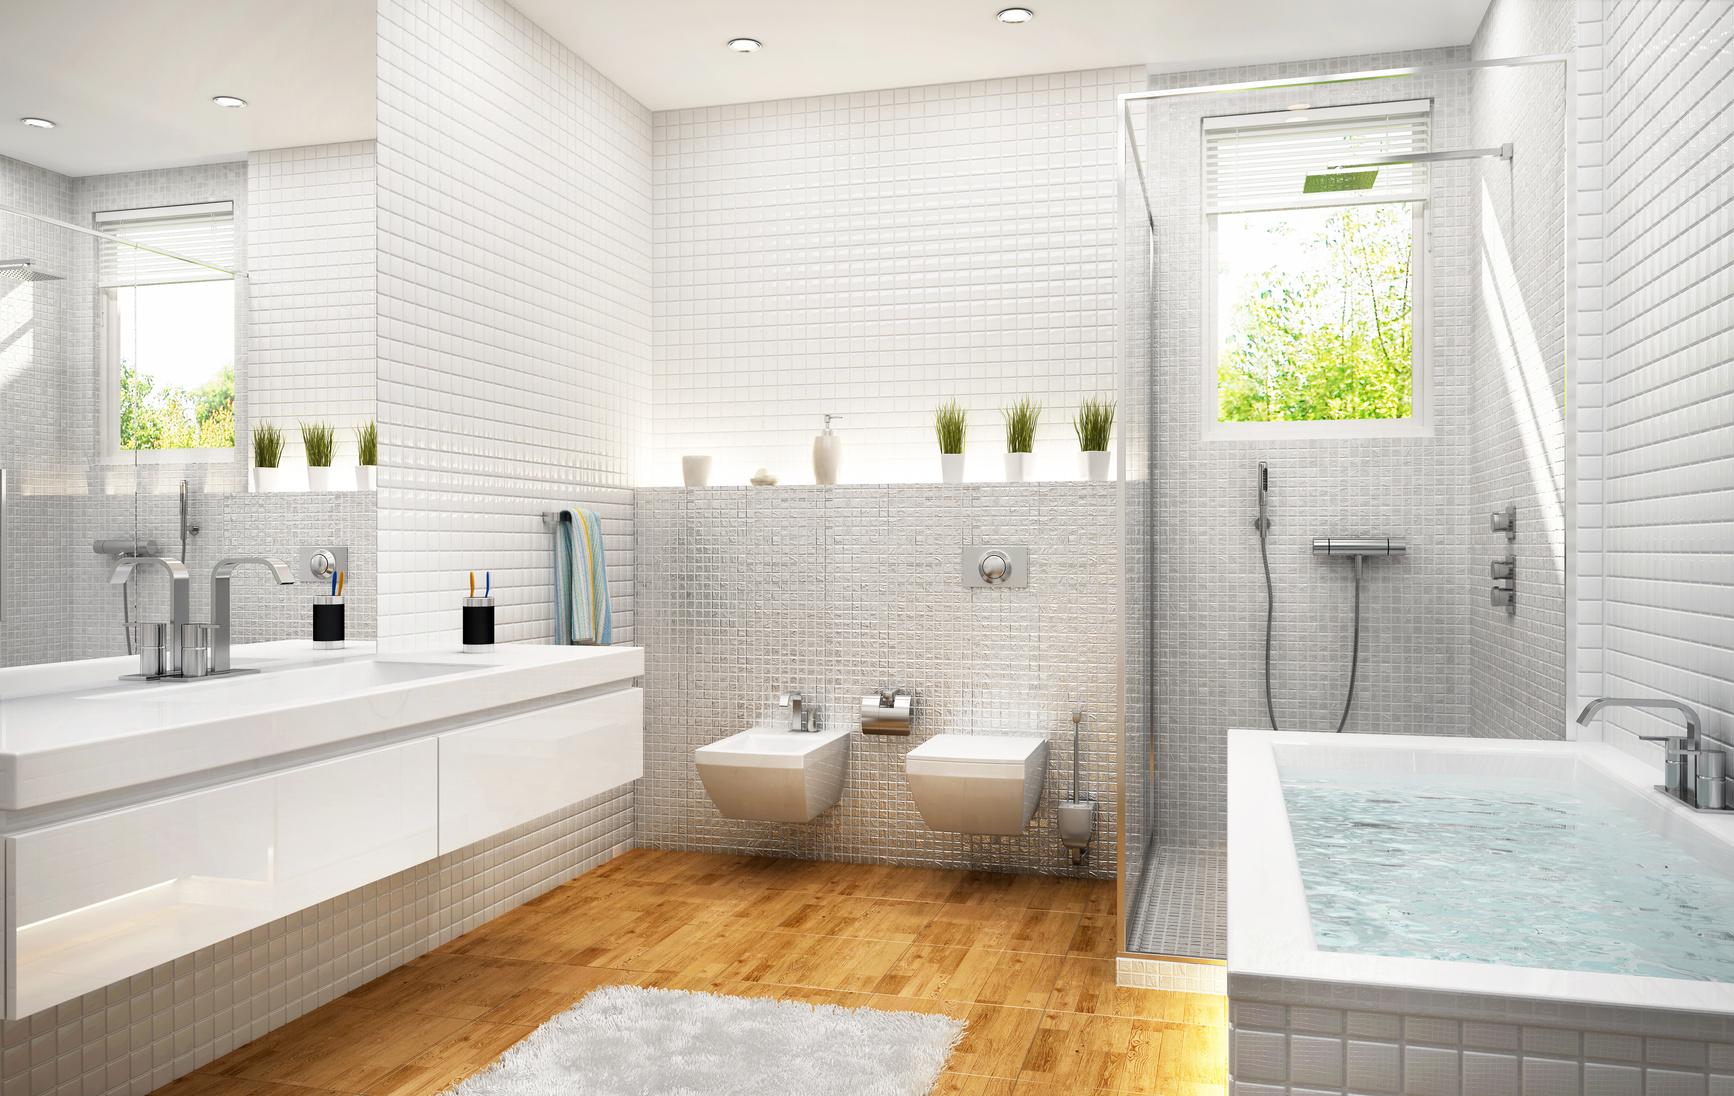 Edles f r badezimmer parkett in sanit rr umen stefan beiwinkler - Edle badezimmer ...